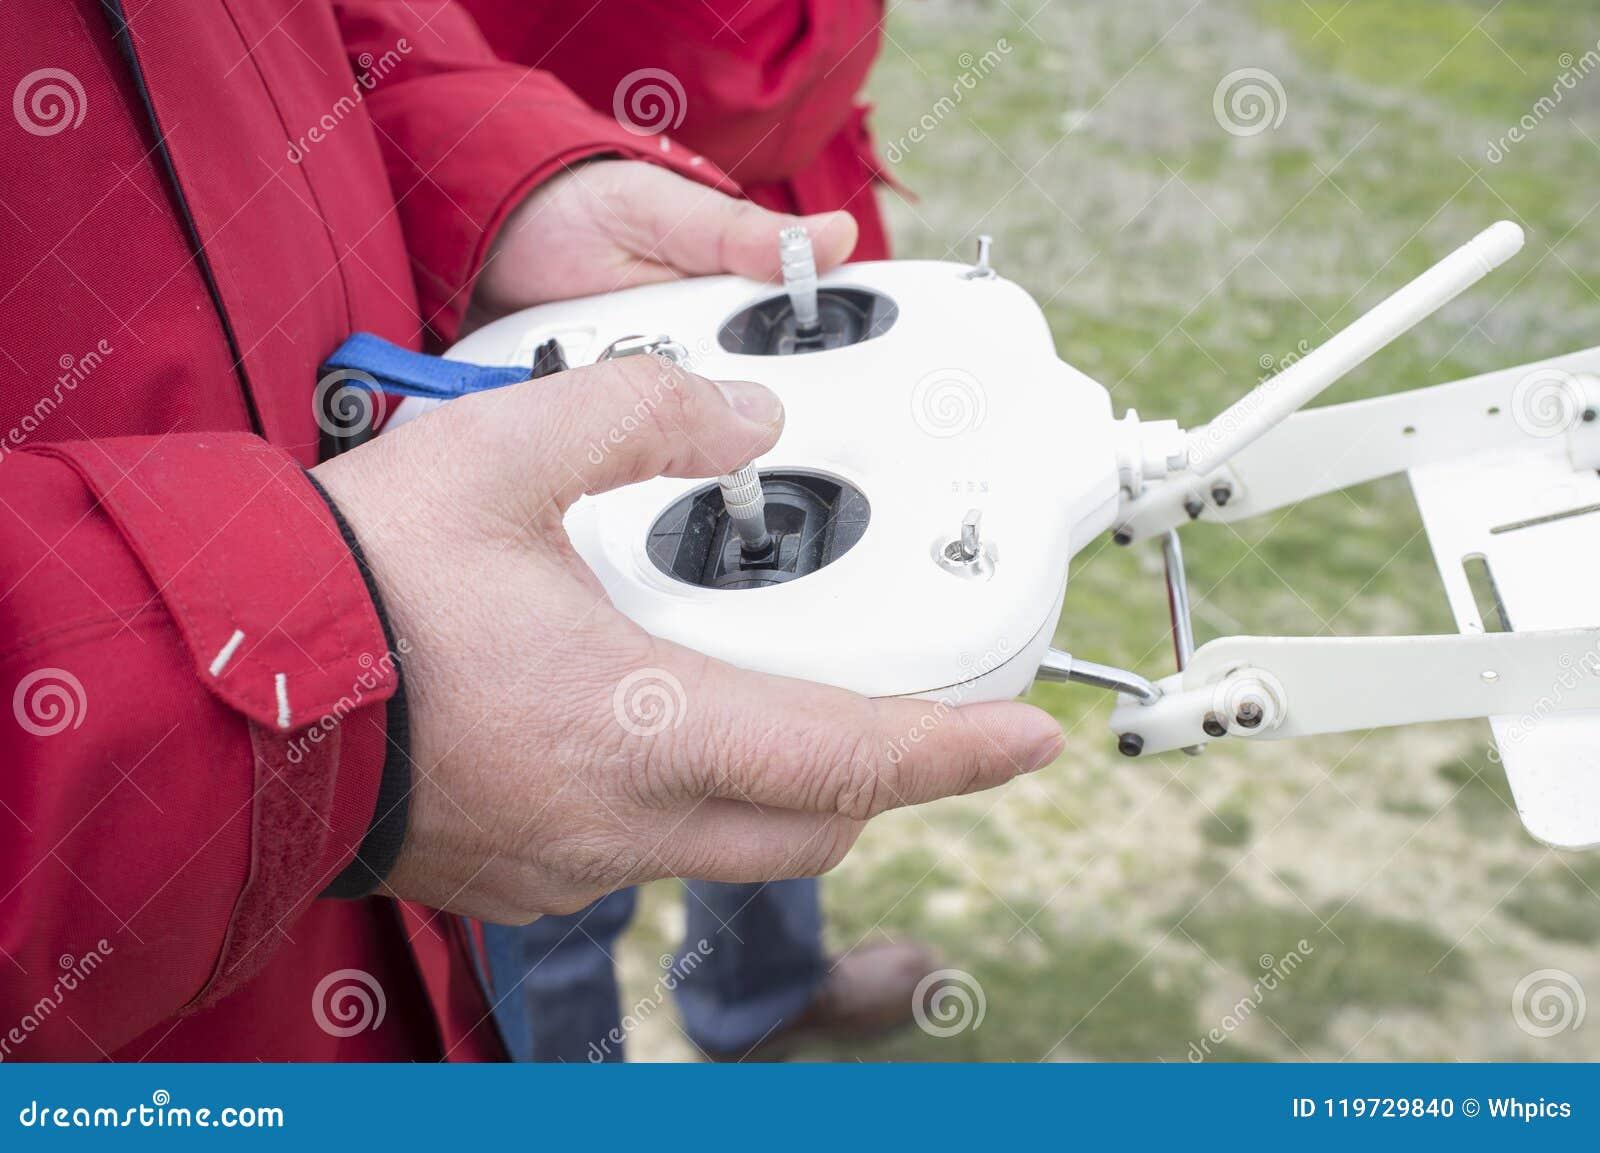 Σωστό ραβδί ελέγχου για τη ρυθμιστική βαλβίδα Πειραματικός ελιγμός dron σε μακρινό